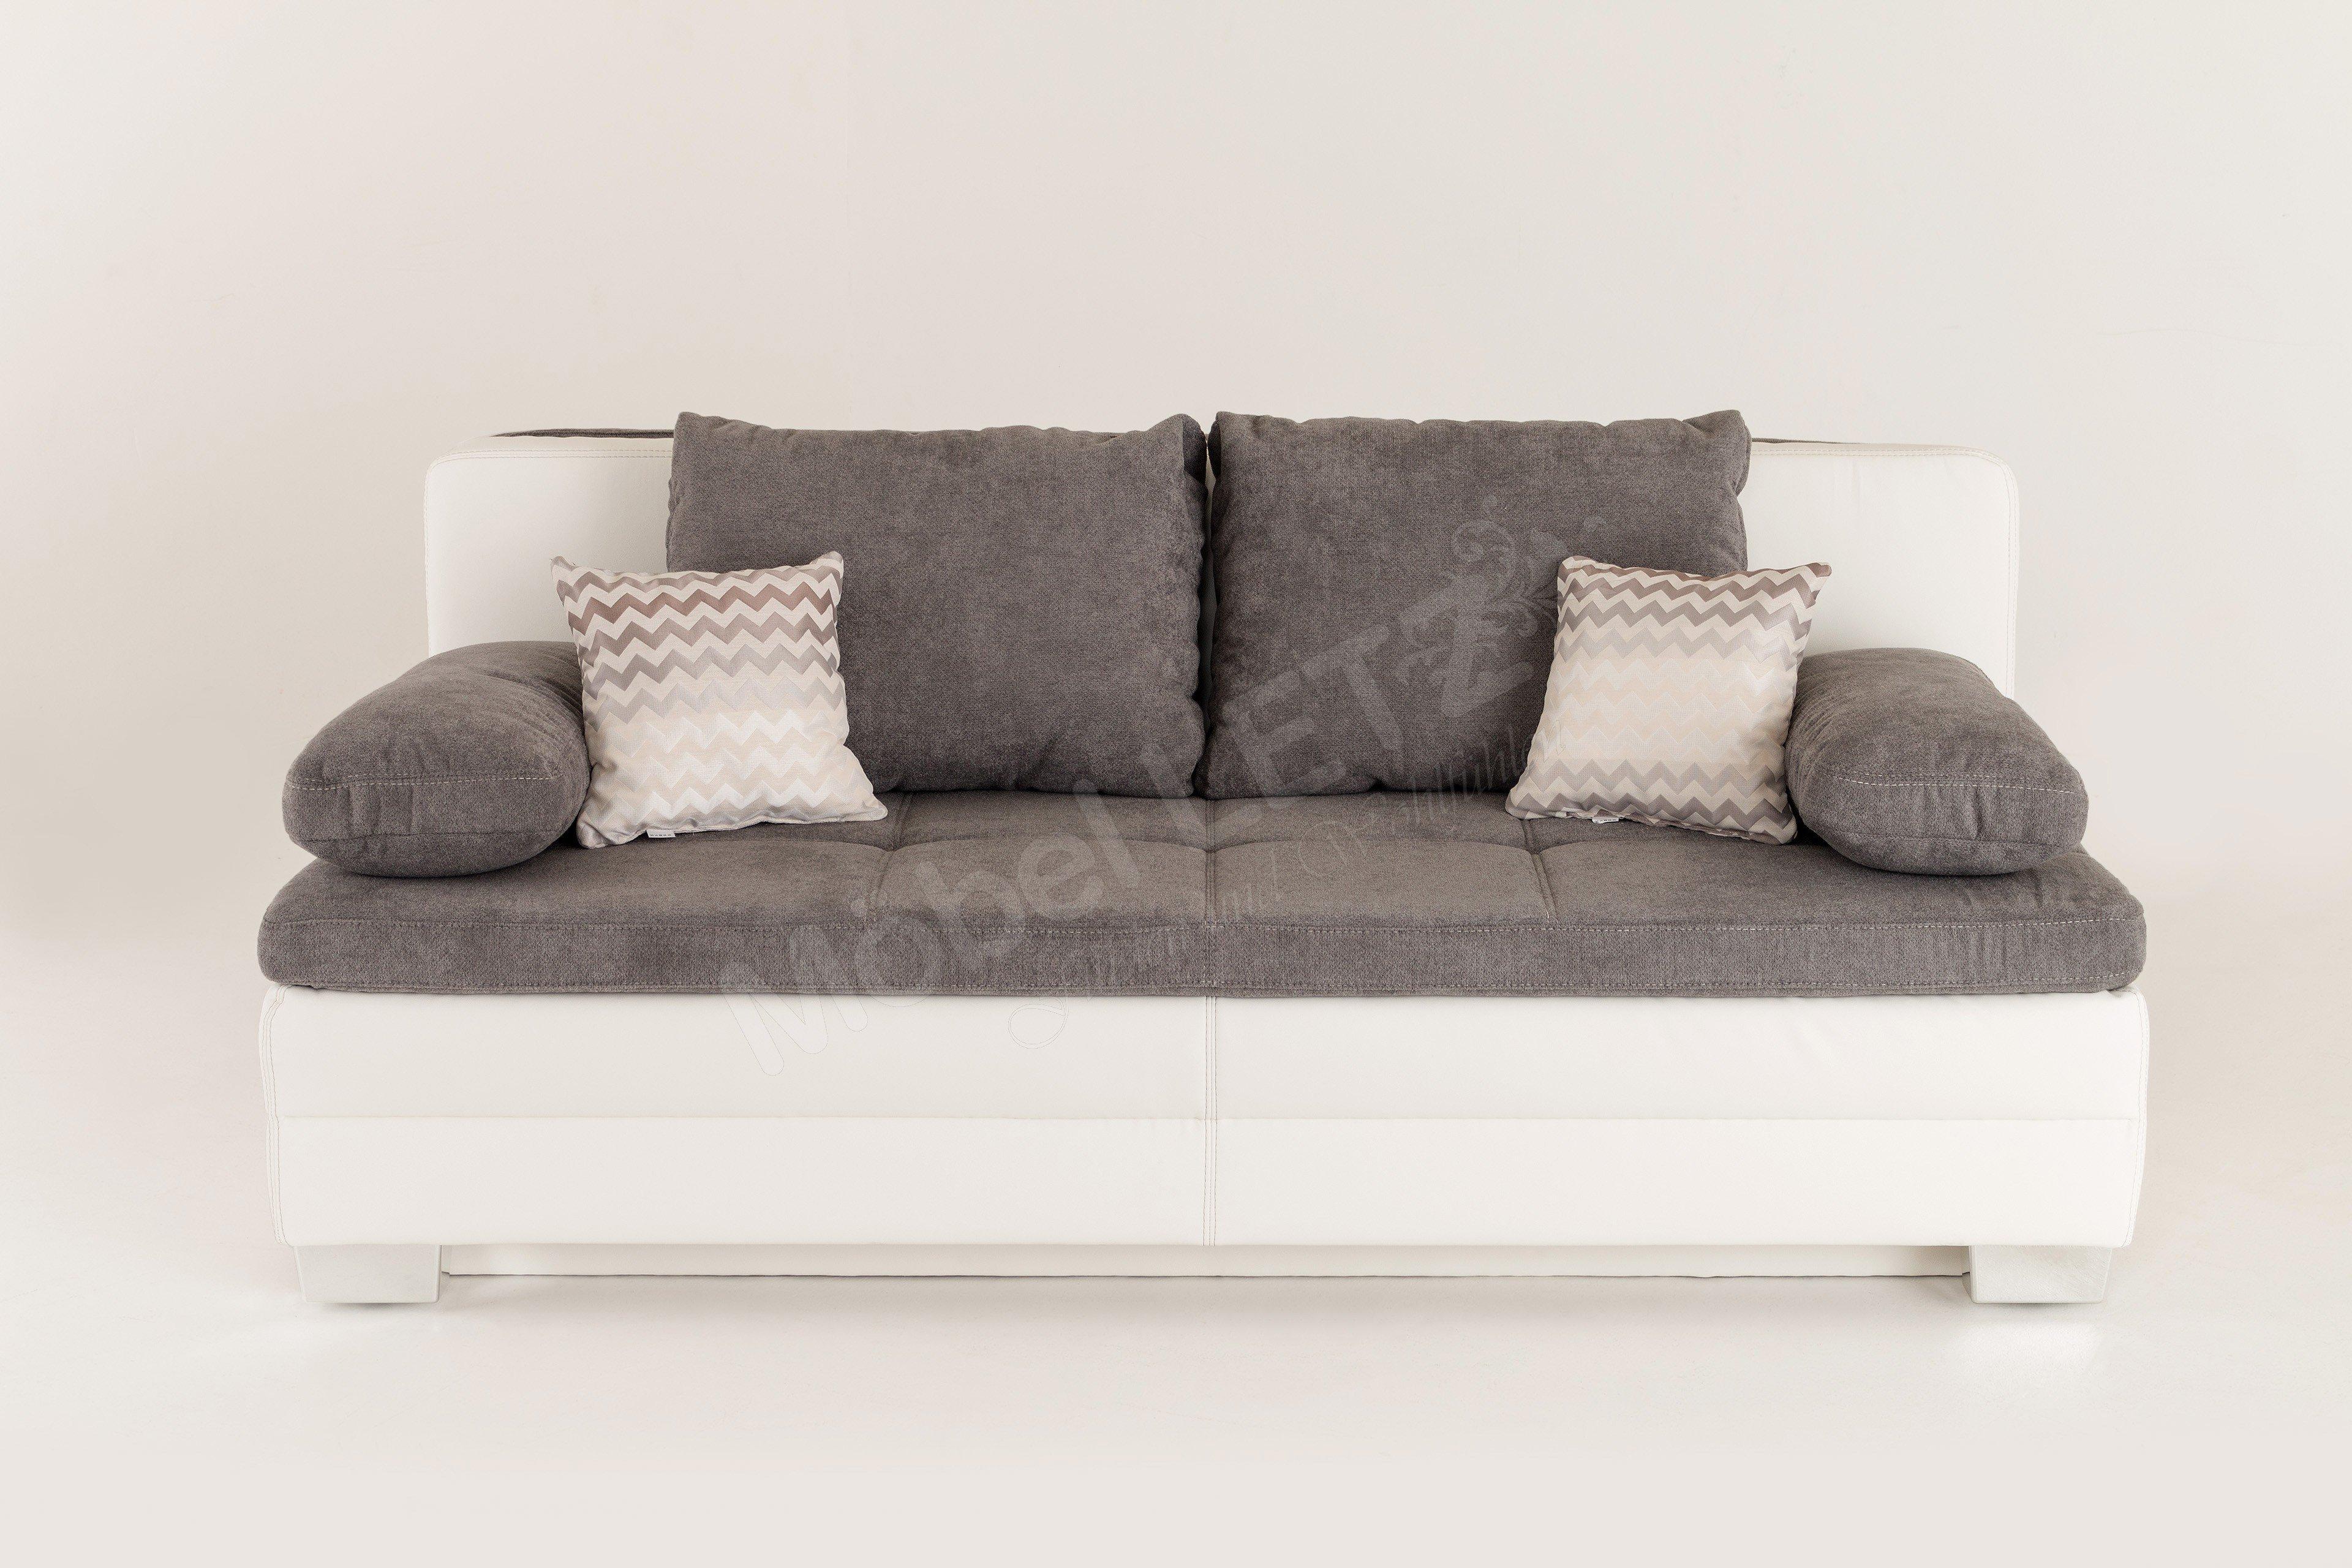 jockenh fer lincoln sabrina schlafsofa in grau wei mit bettkasten m bel letz ihr online shop. Black Bedroom Furniture Sets. Home Design Ideas